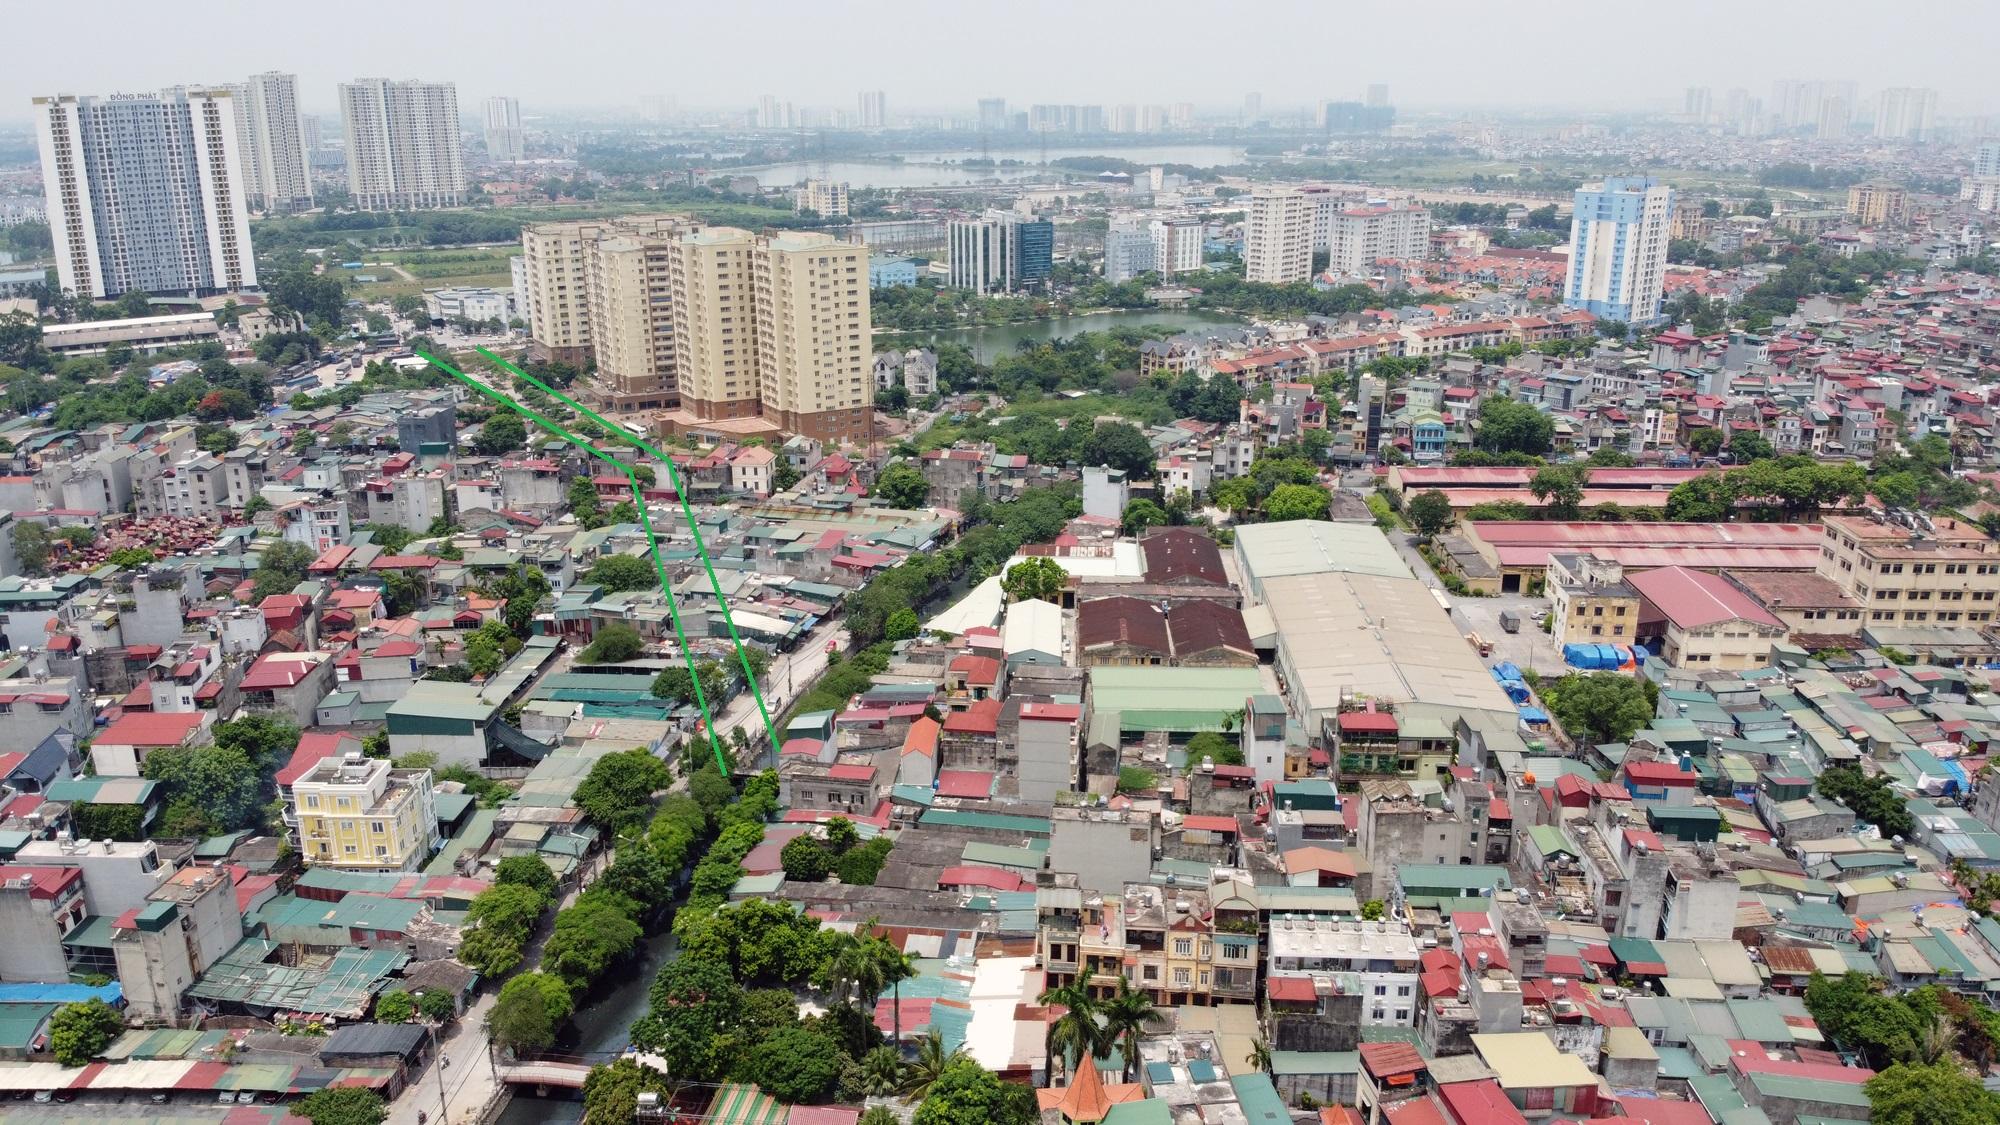 đường sẽ mở theo qui hoạch ở phường Hoàng Văn Thụ, Hoàng Mai, Hà Nội - Ảnh 10.